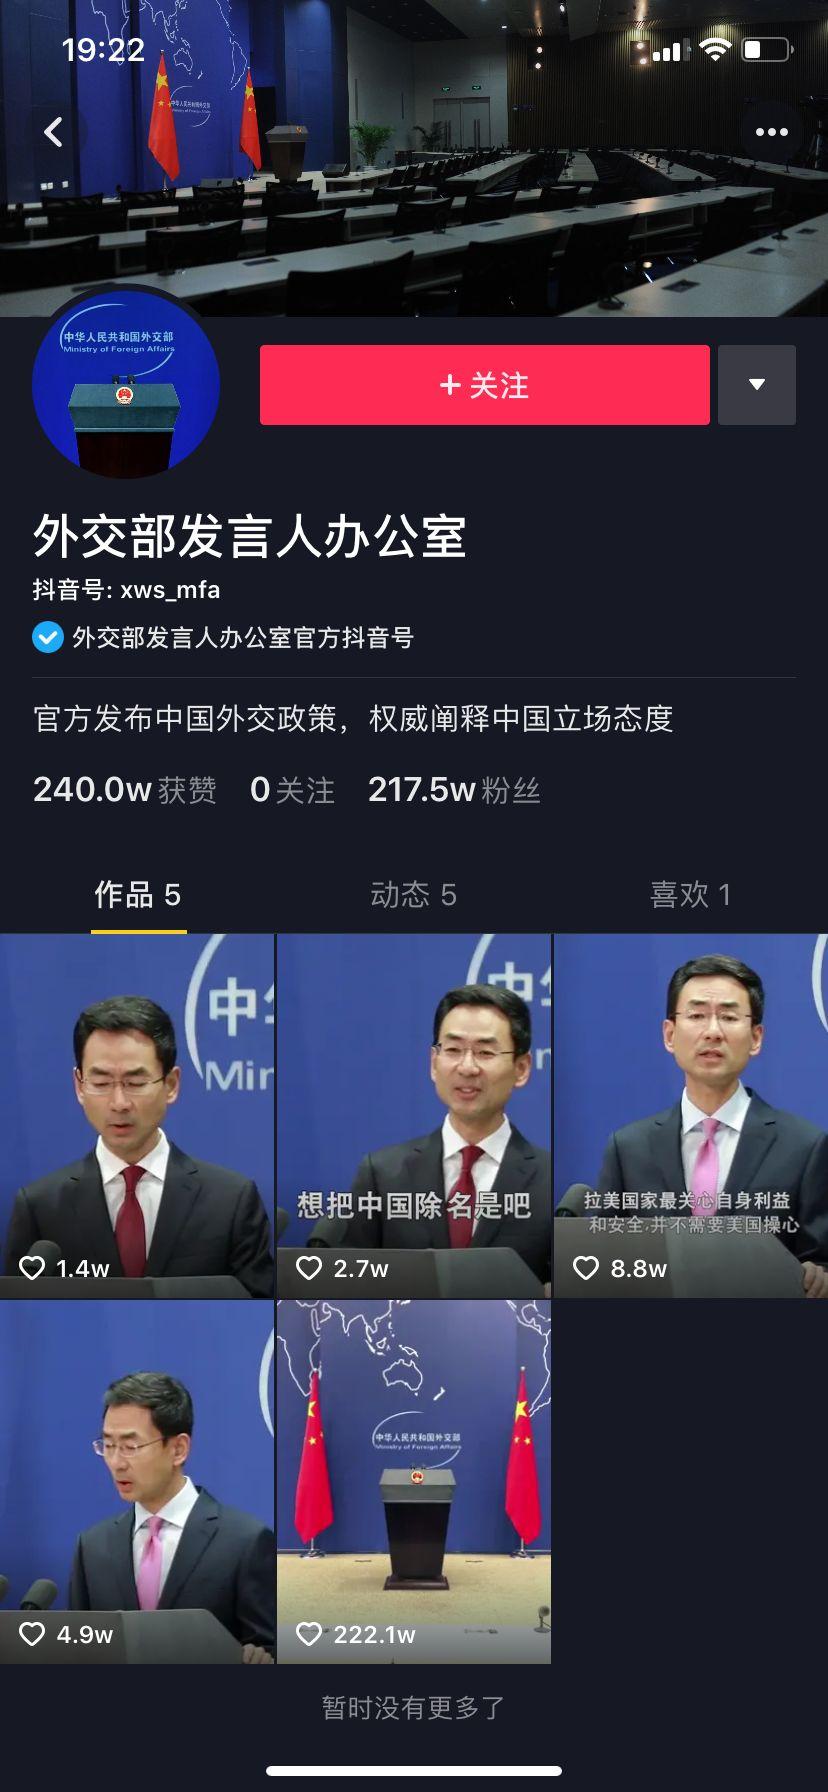 """外交部发言人办公室""""入驻抖音,首日破200万粉丝_中国外交部"""